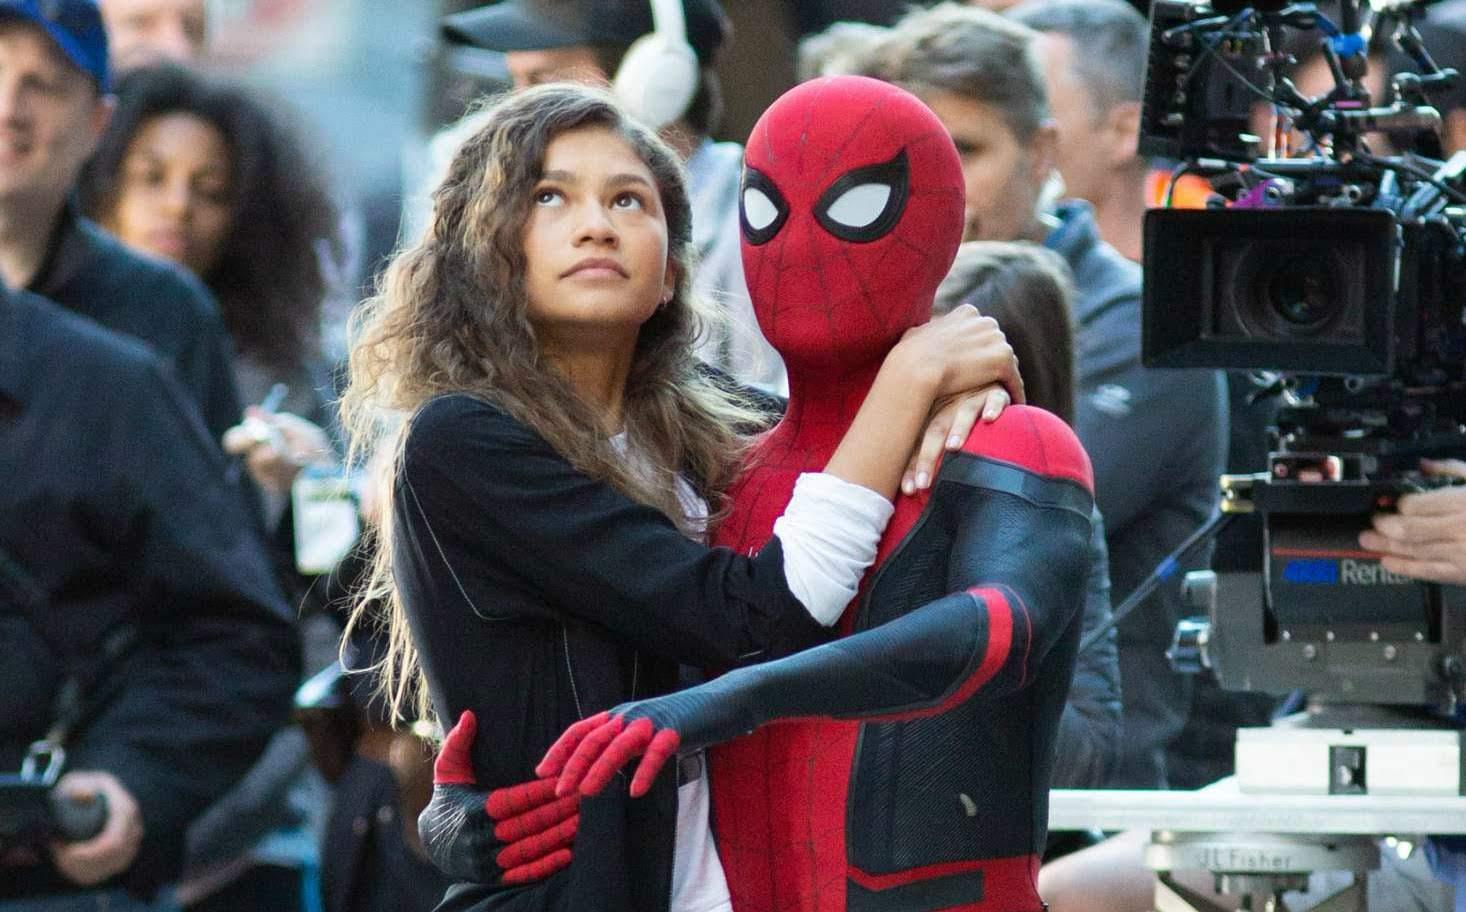 Zendaya may wield a mace in Spider-Man Far From Home : トム・ホランド主演の「スパイダーマン」シリーズ第2弾「ファー・フロム・ホーム」のゼンデイヤは武器を振るって、敵と戦うヒロインなのかもしれないことが明らかになった ! !